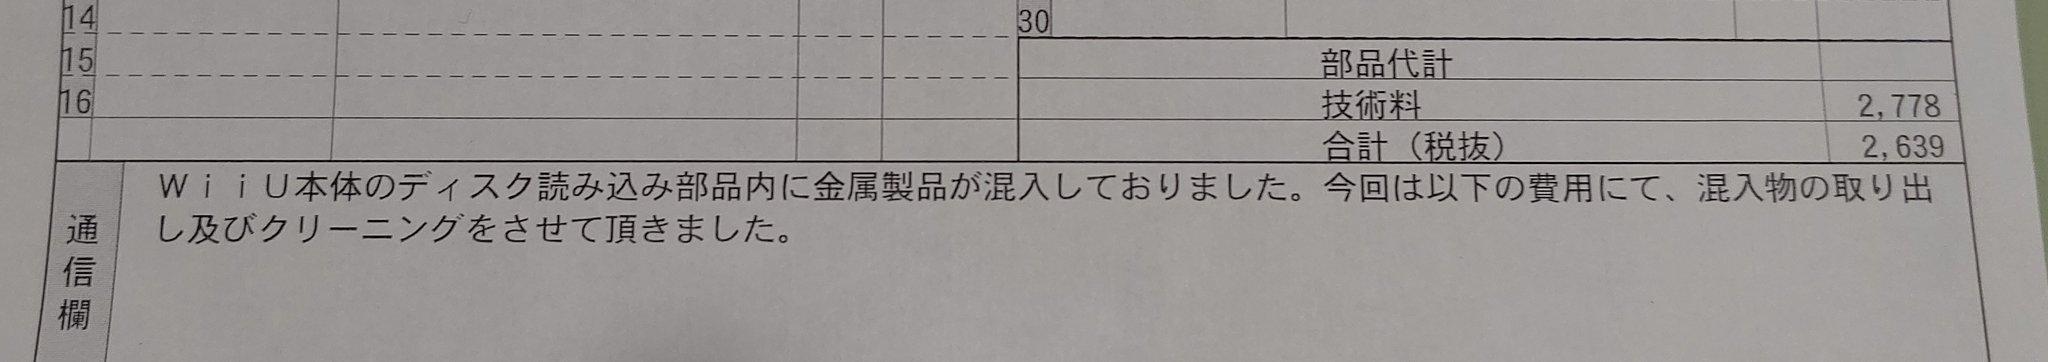 日本玩家维修任天堂WiiU后结婚戒指失而复得